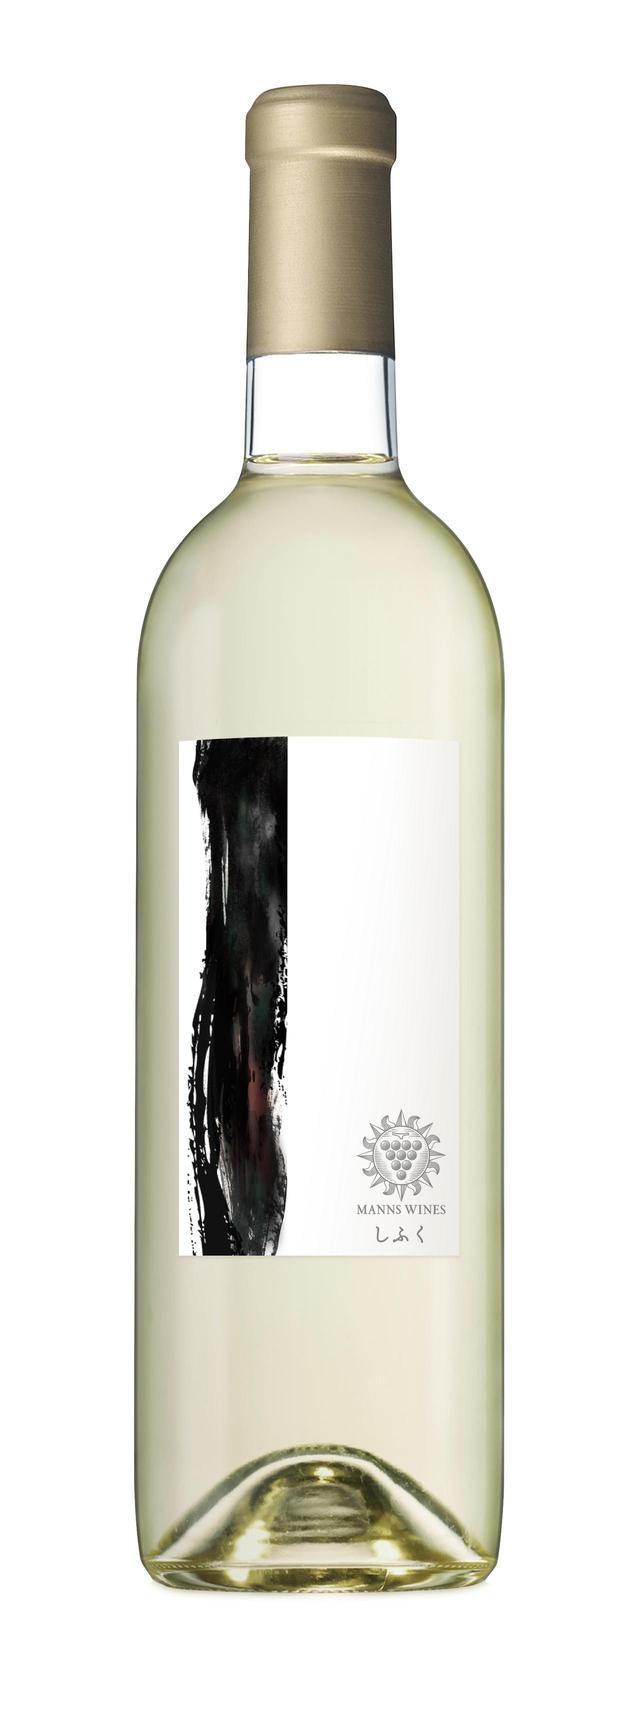 画像: 今回紹介したワイン『マンズワイン しふく』